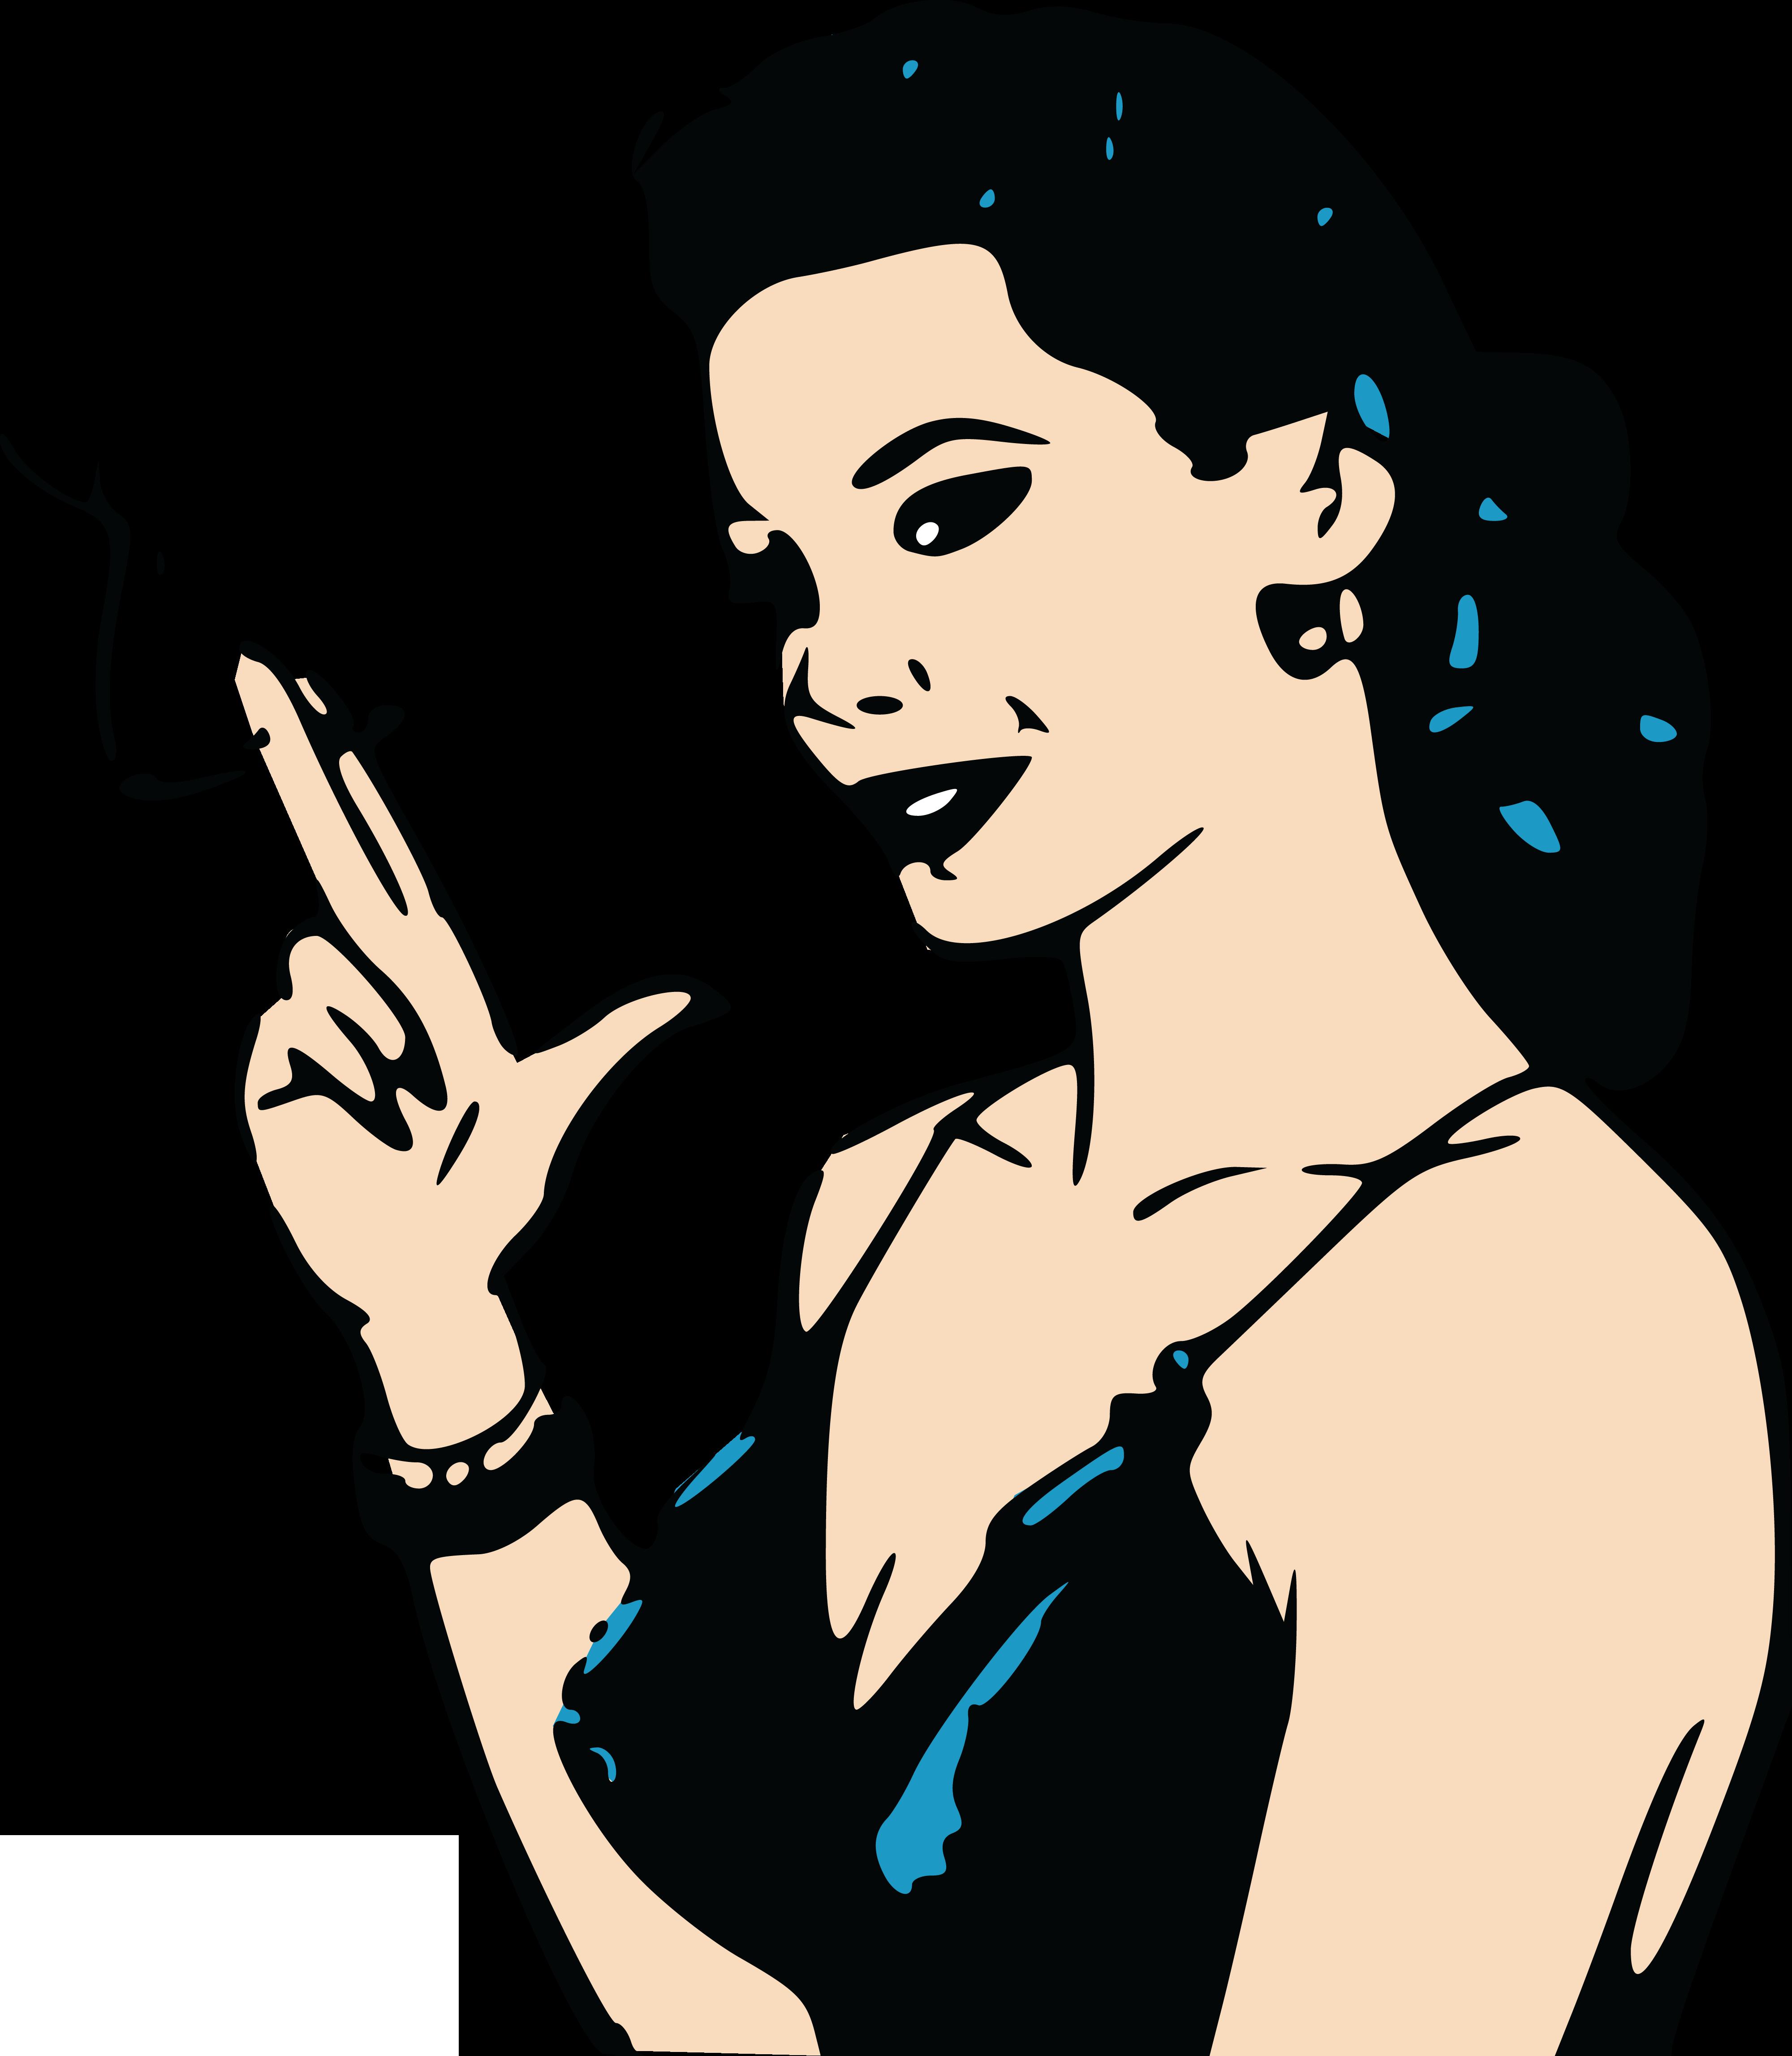 free clipart of a retro woman smoking a cigarette rh free clipartof com vintage retro clipart woman free vintage woman clipart